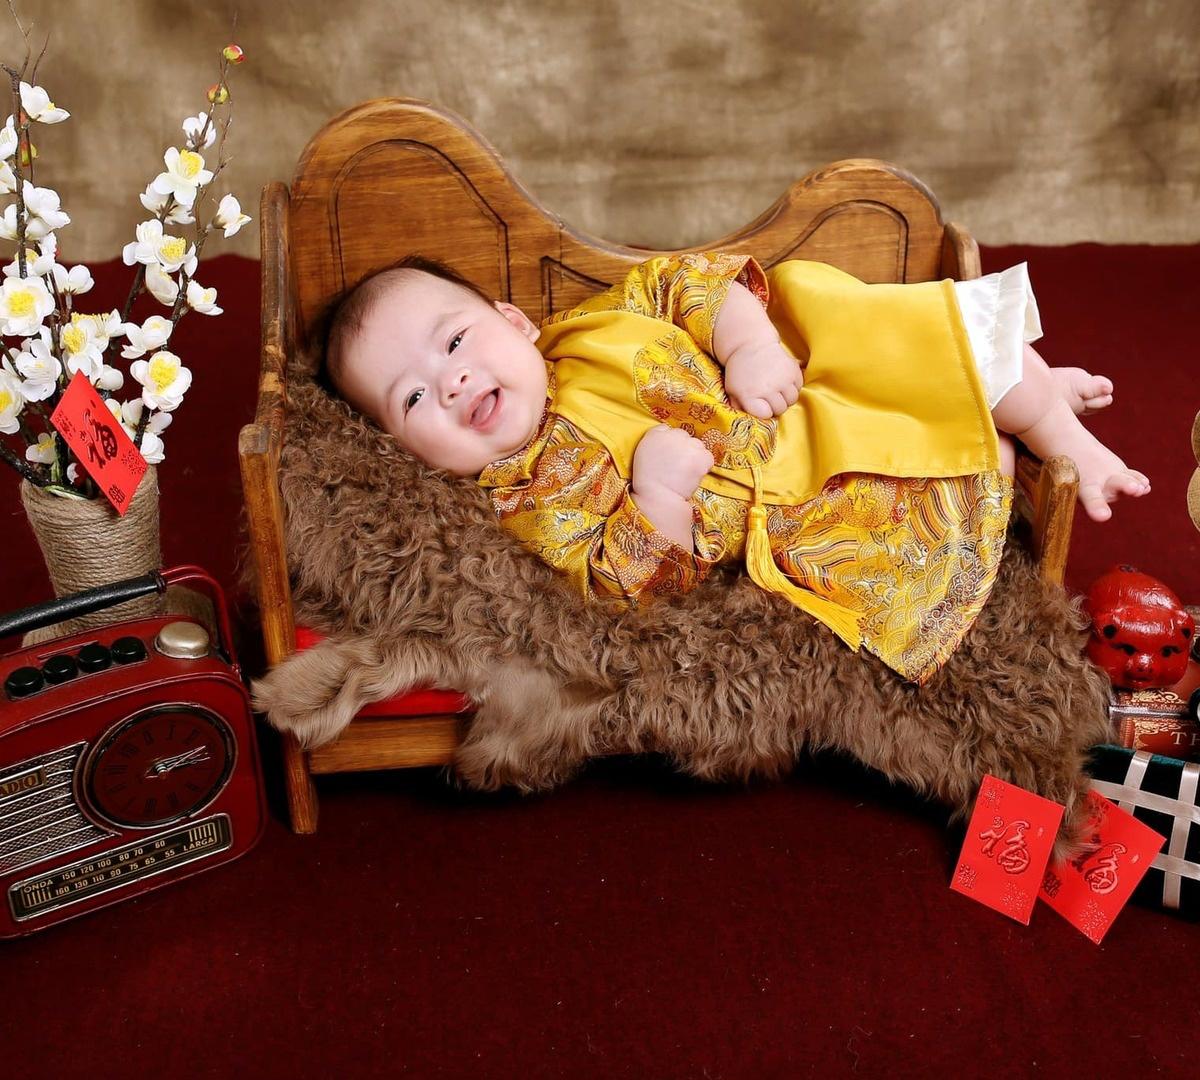 40 cái Tết mới làm bố, Dương Khắc Linh amp;#34;trúng sốamp;#34; cặp song sinh: amp;#34;Tết 2021 bội thu lì xìamp;#34; - 6